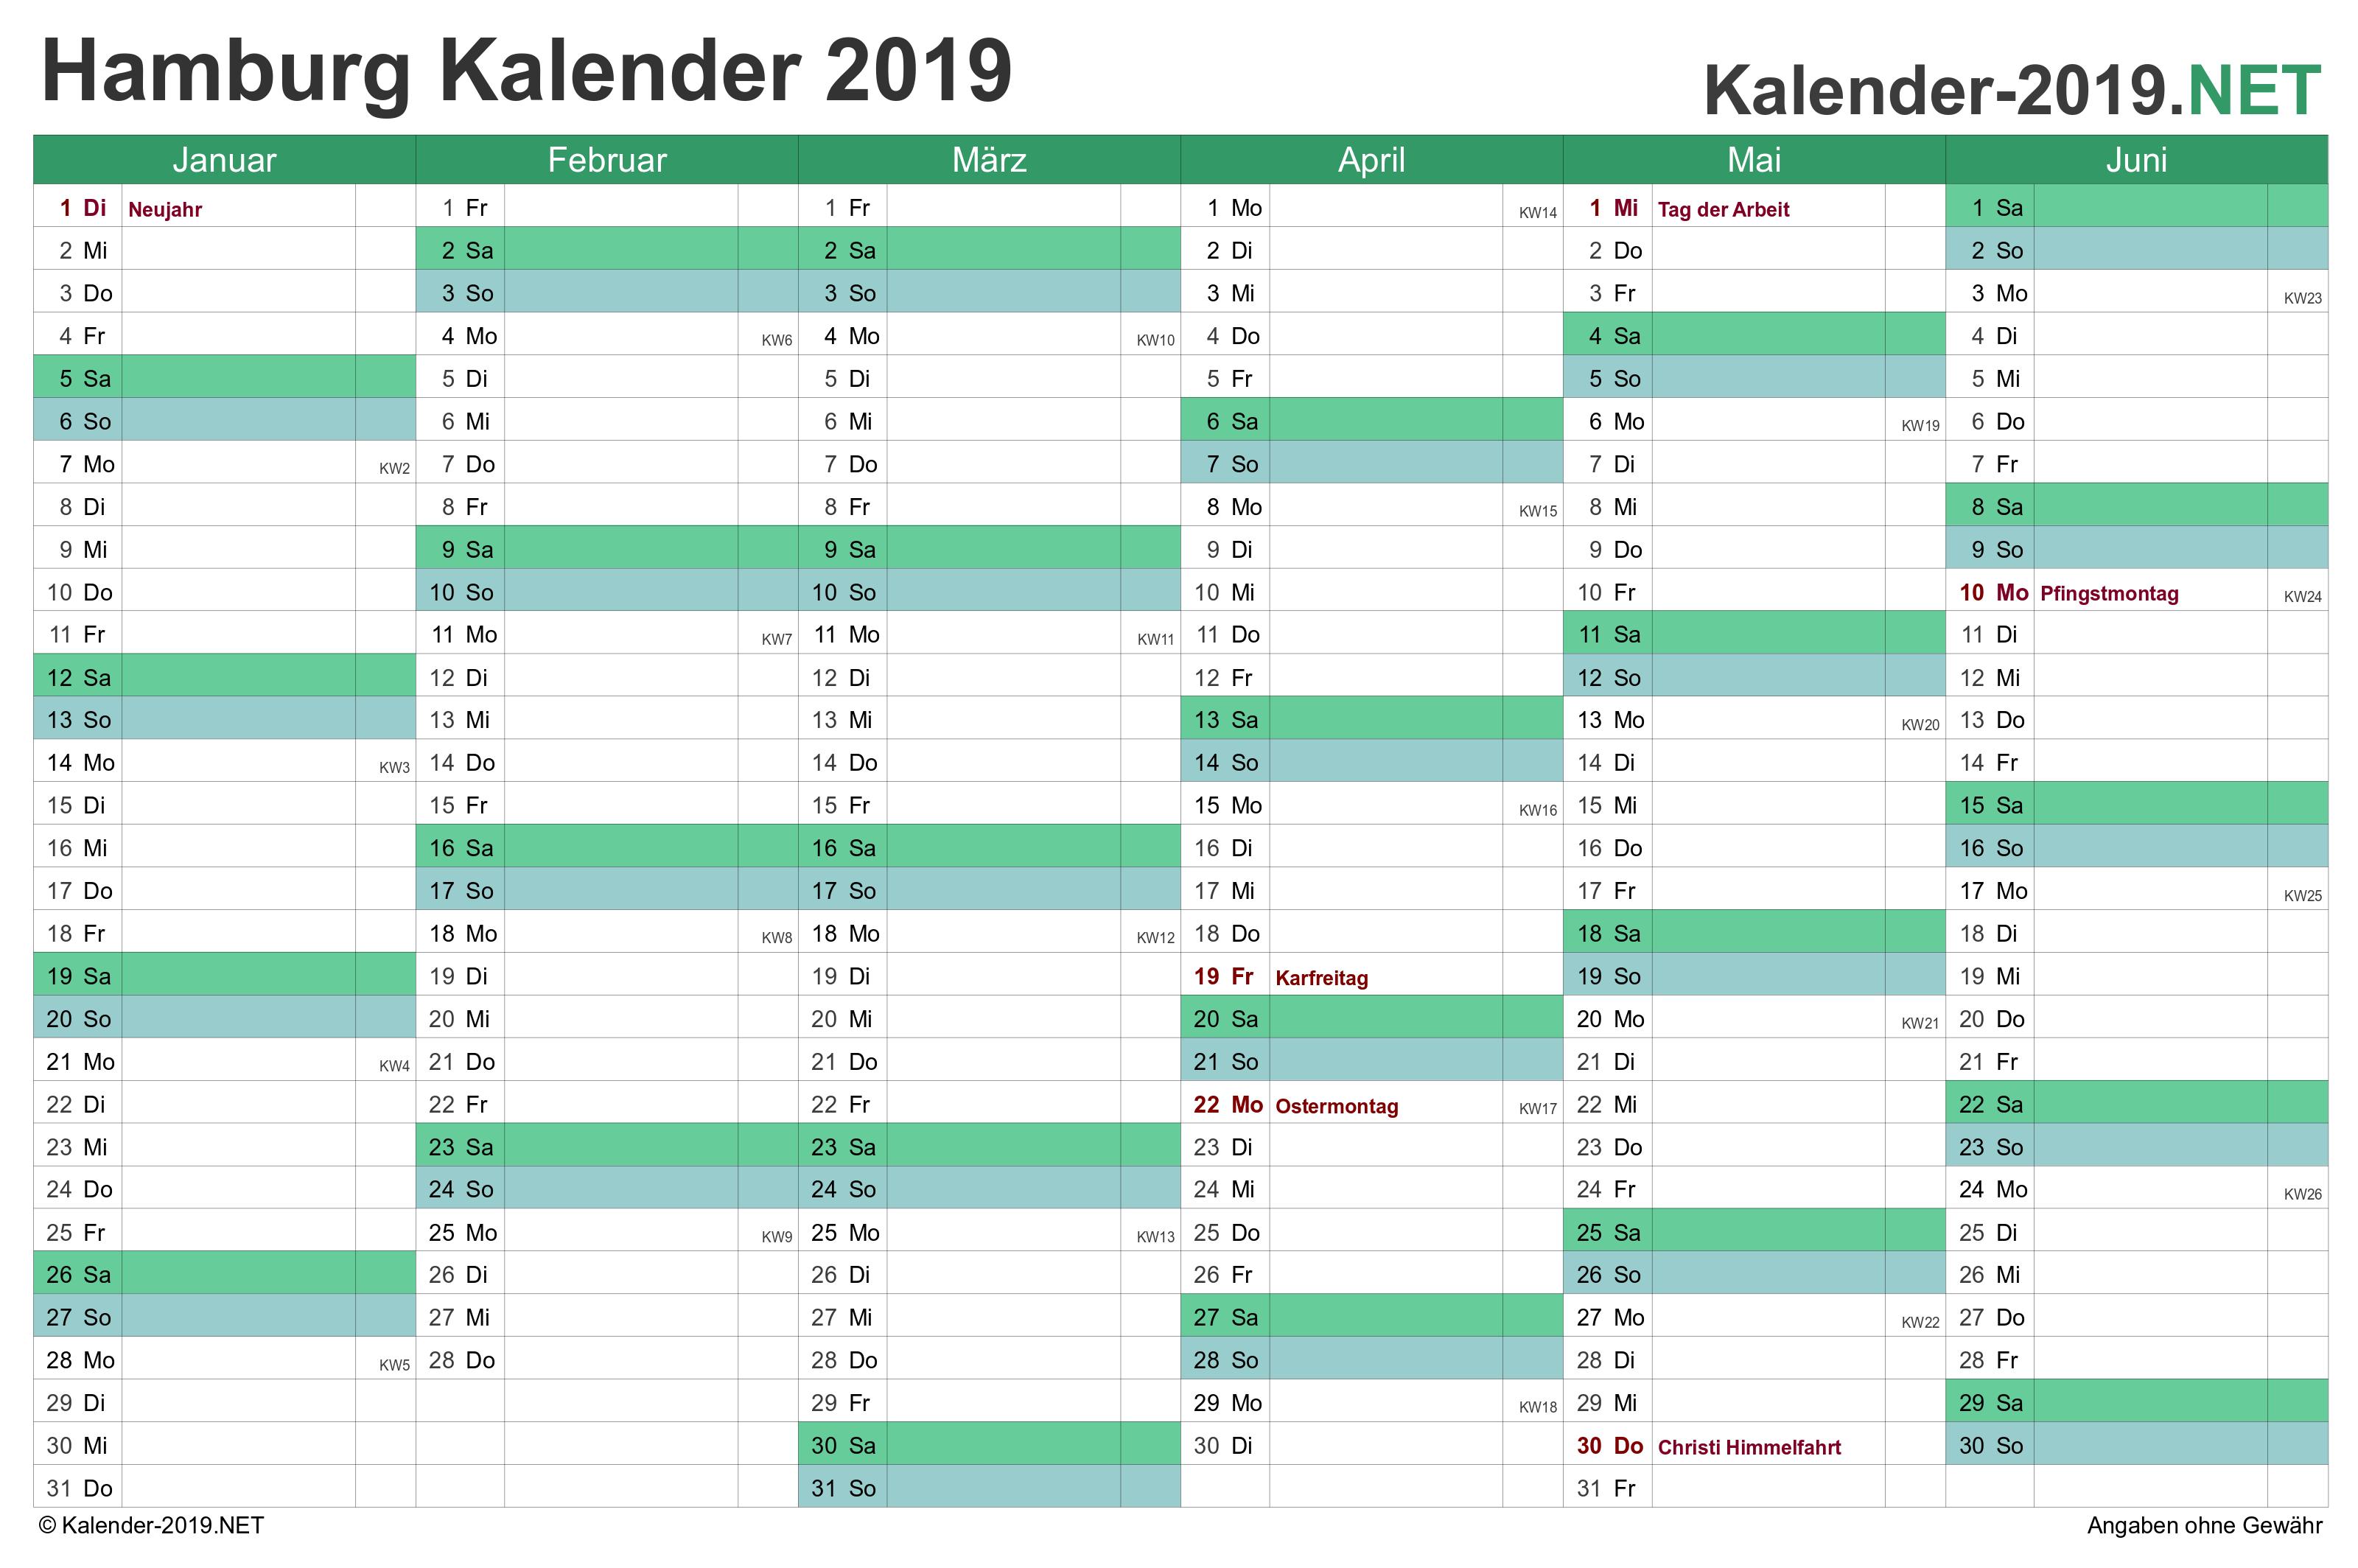 Kalender 2019 Hamburg